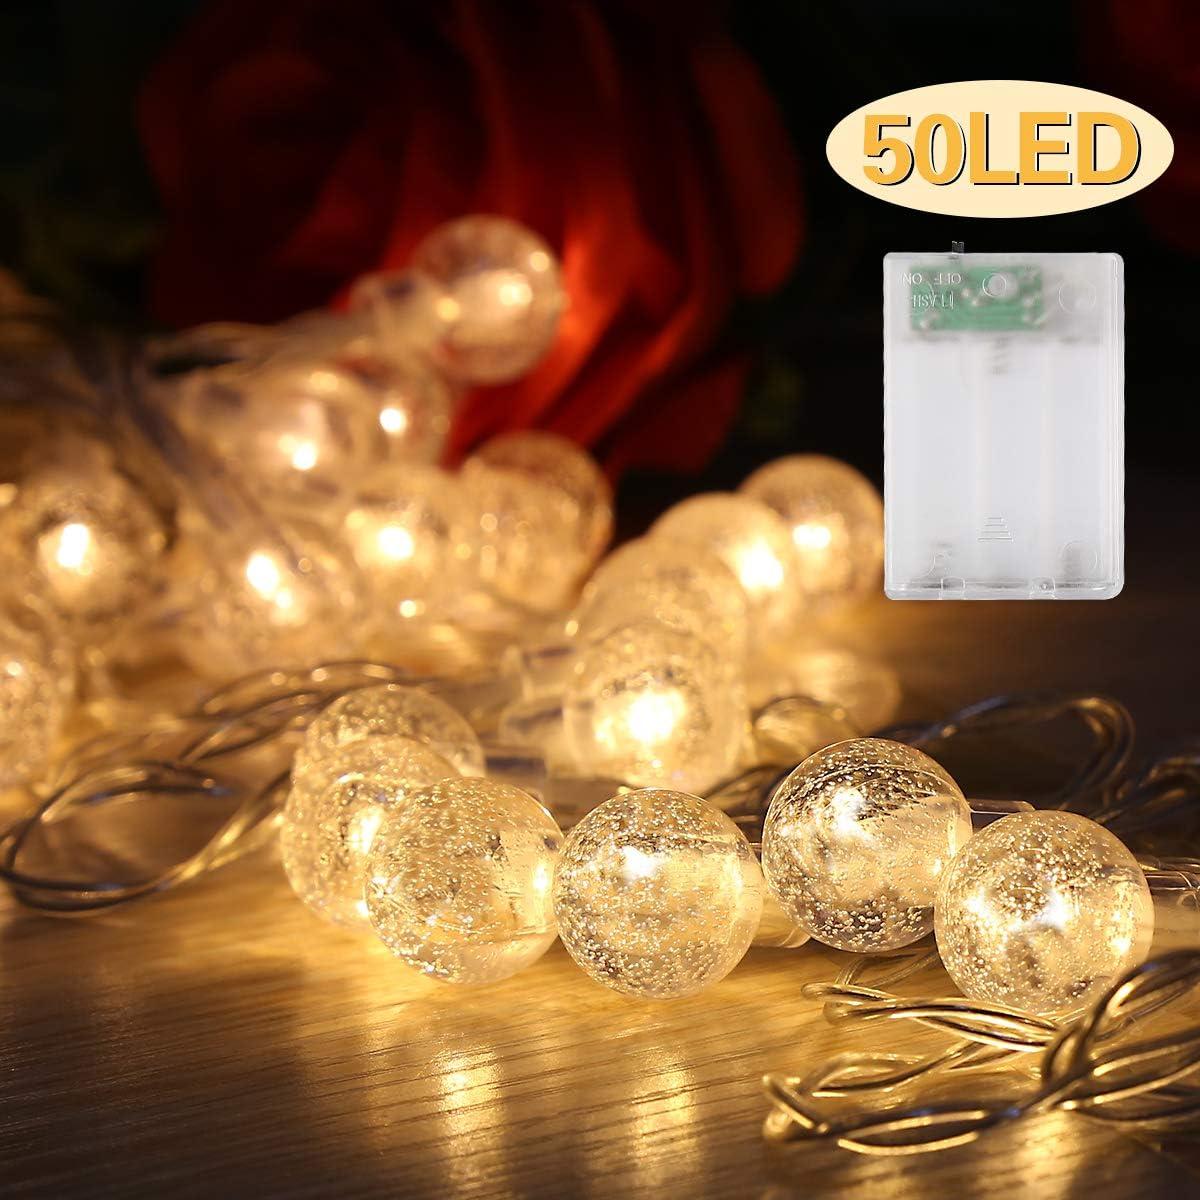 Guirlande lumineuse de jardin maison terrasse Pour jardin 50 LED Blanc chaud Avec boule en cristal /Étanche d/écoration de No/ël et f/êtes 4 m Guirlande lumineuse ext/érieure